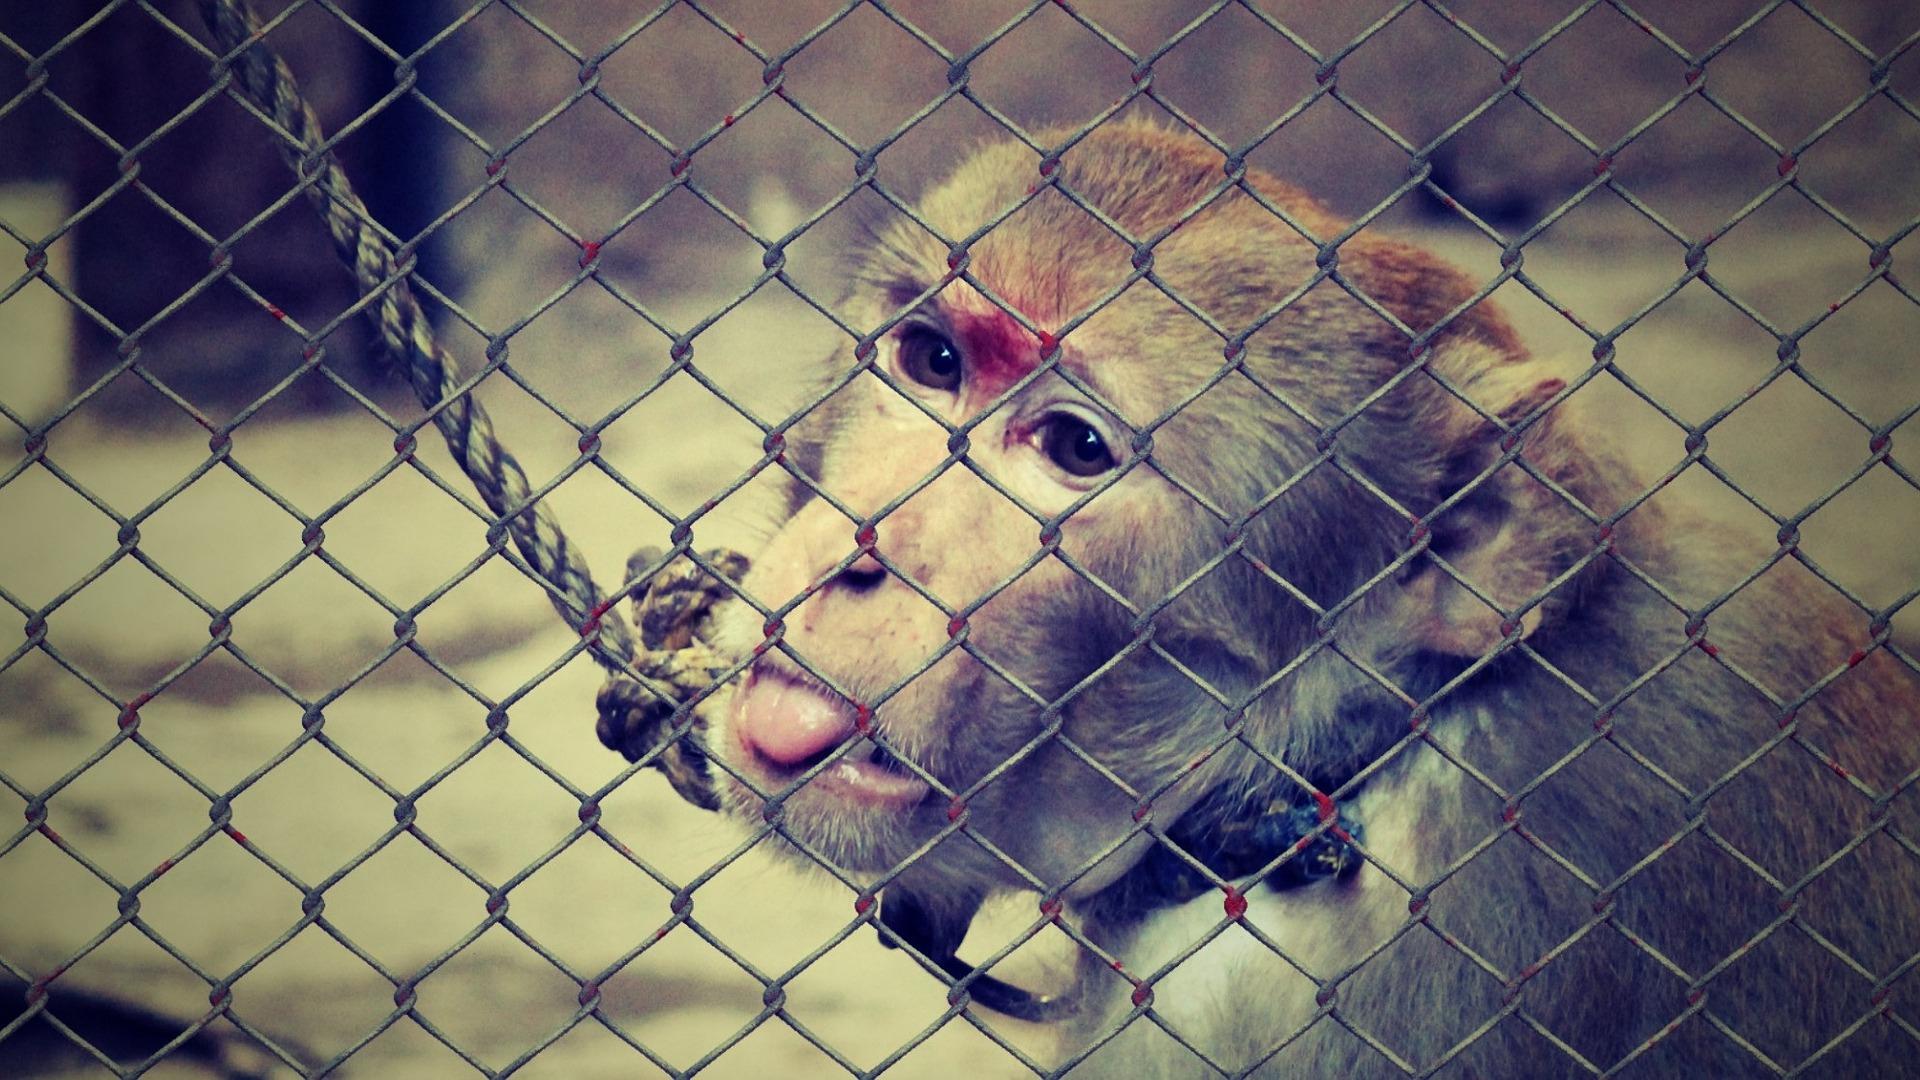 европейская конвенция о защите животных